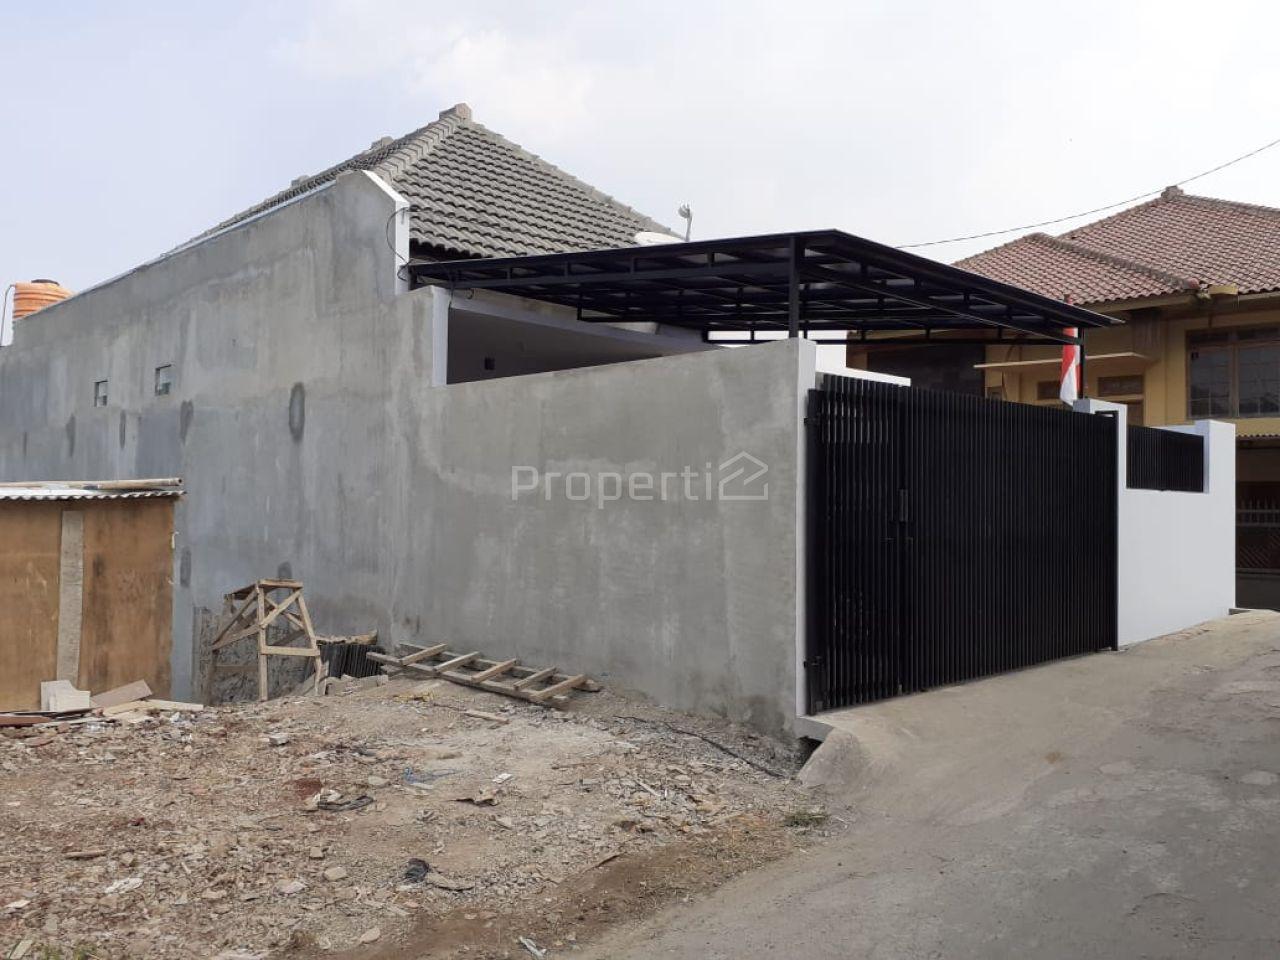 Rumah dan Lahan Strategis di Awiligar, Jawa Barat